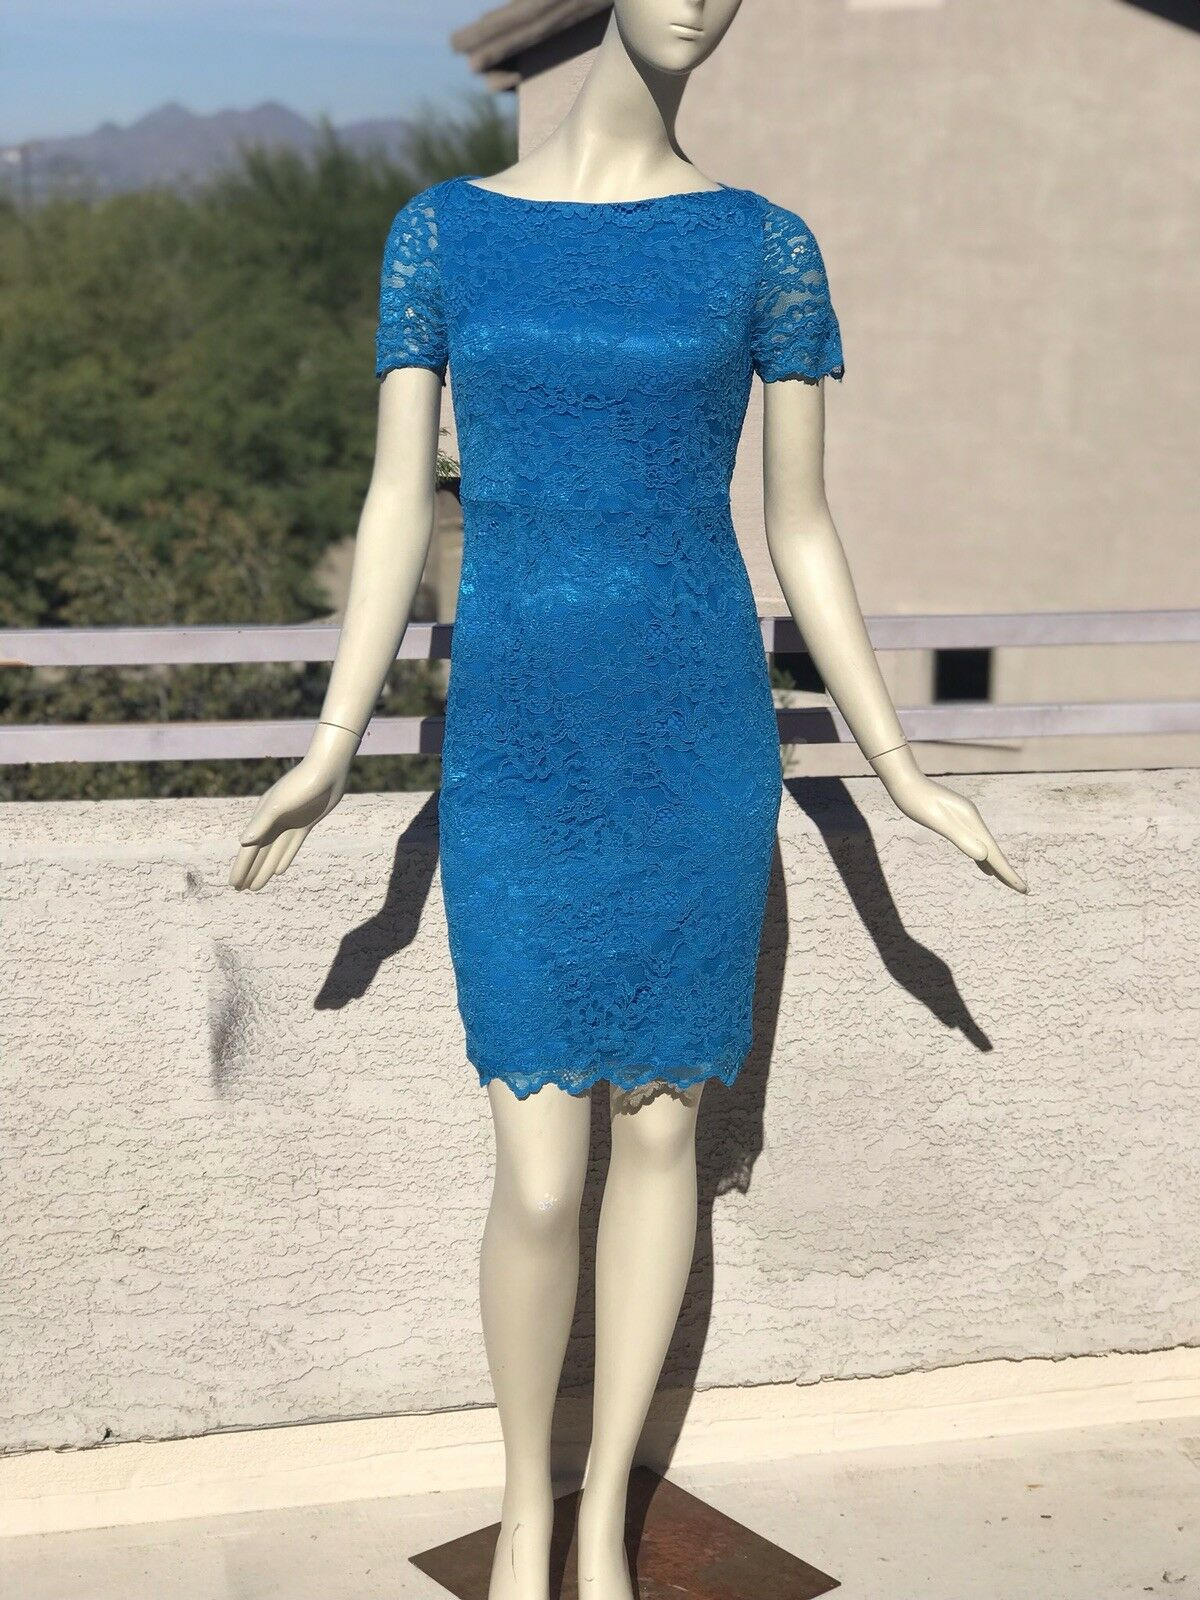 Diane Von Furstenberg Ainsley Lace Lace Lace Dress Size 4 07b930